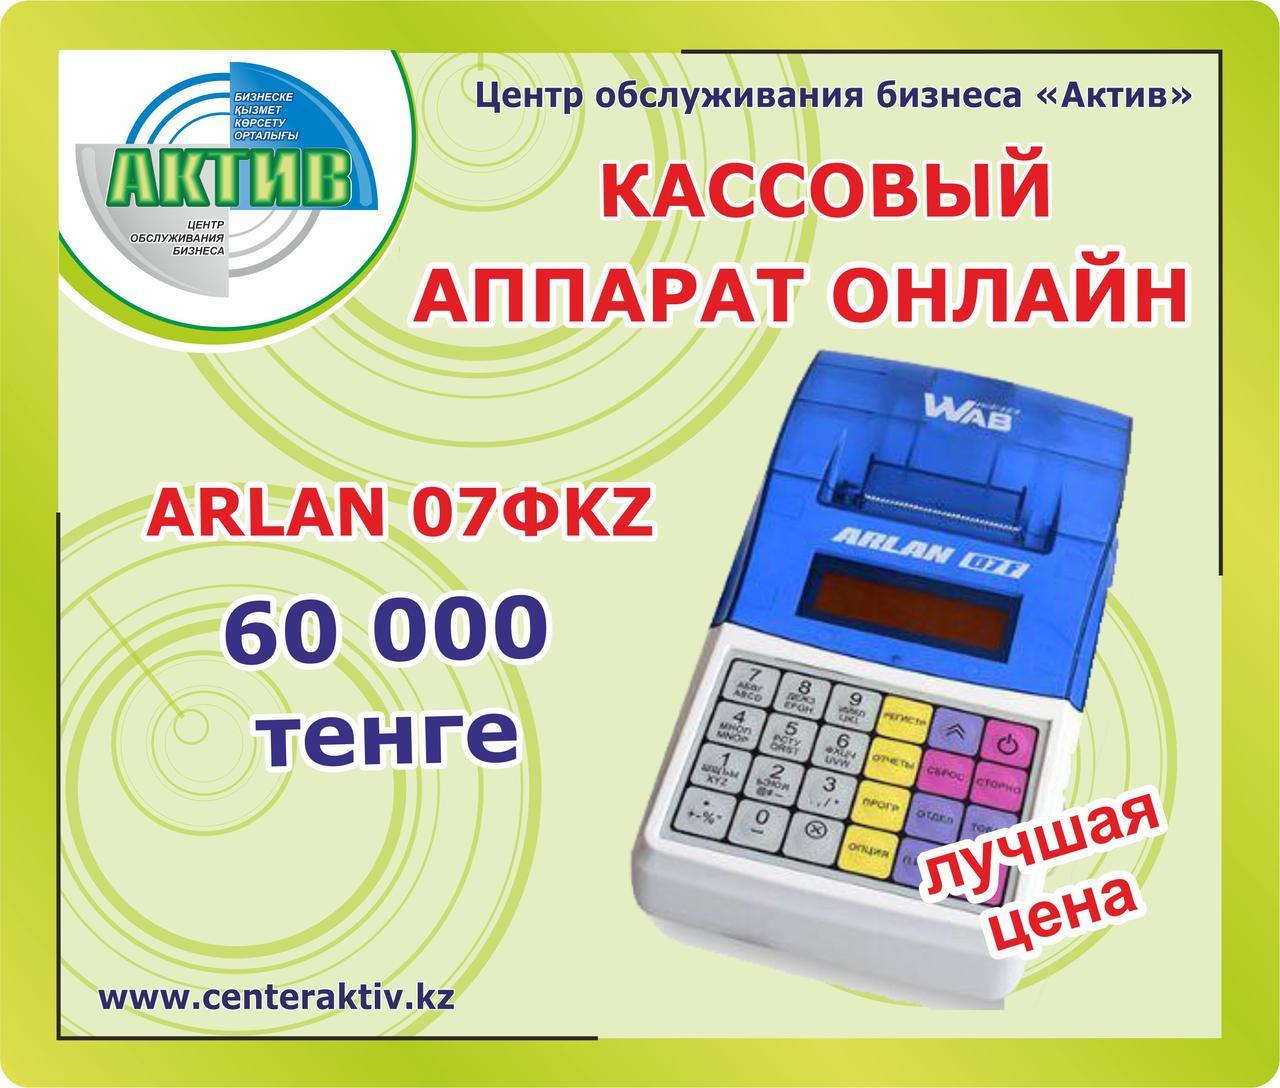 Кассовый аппарат онлайн Arlan 07ФKZ/ Обучение, поддержка, регистрация.